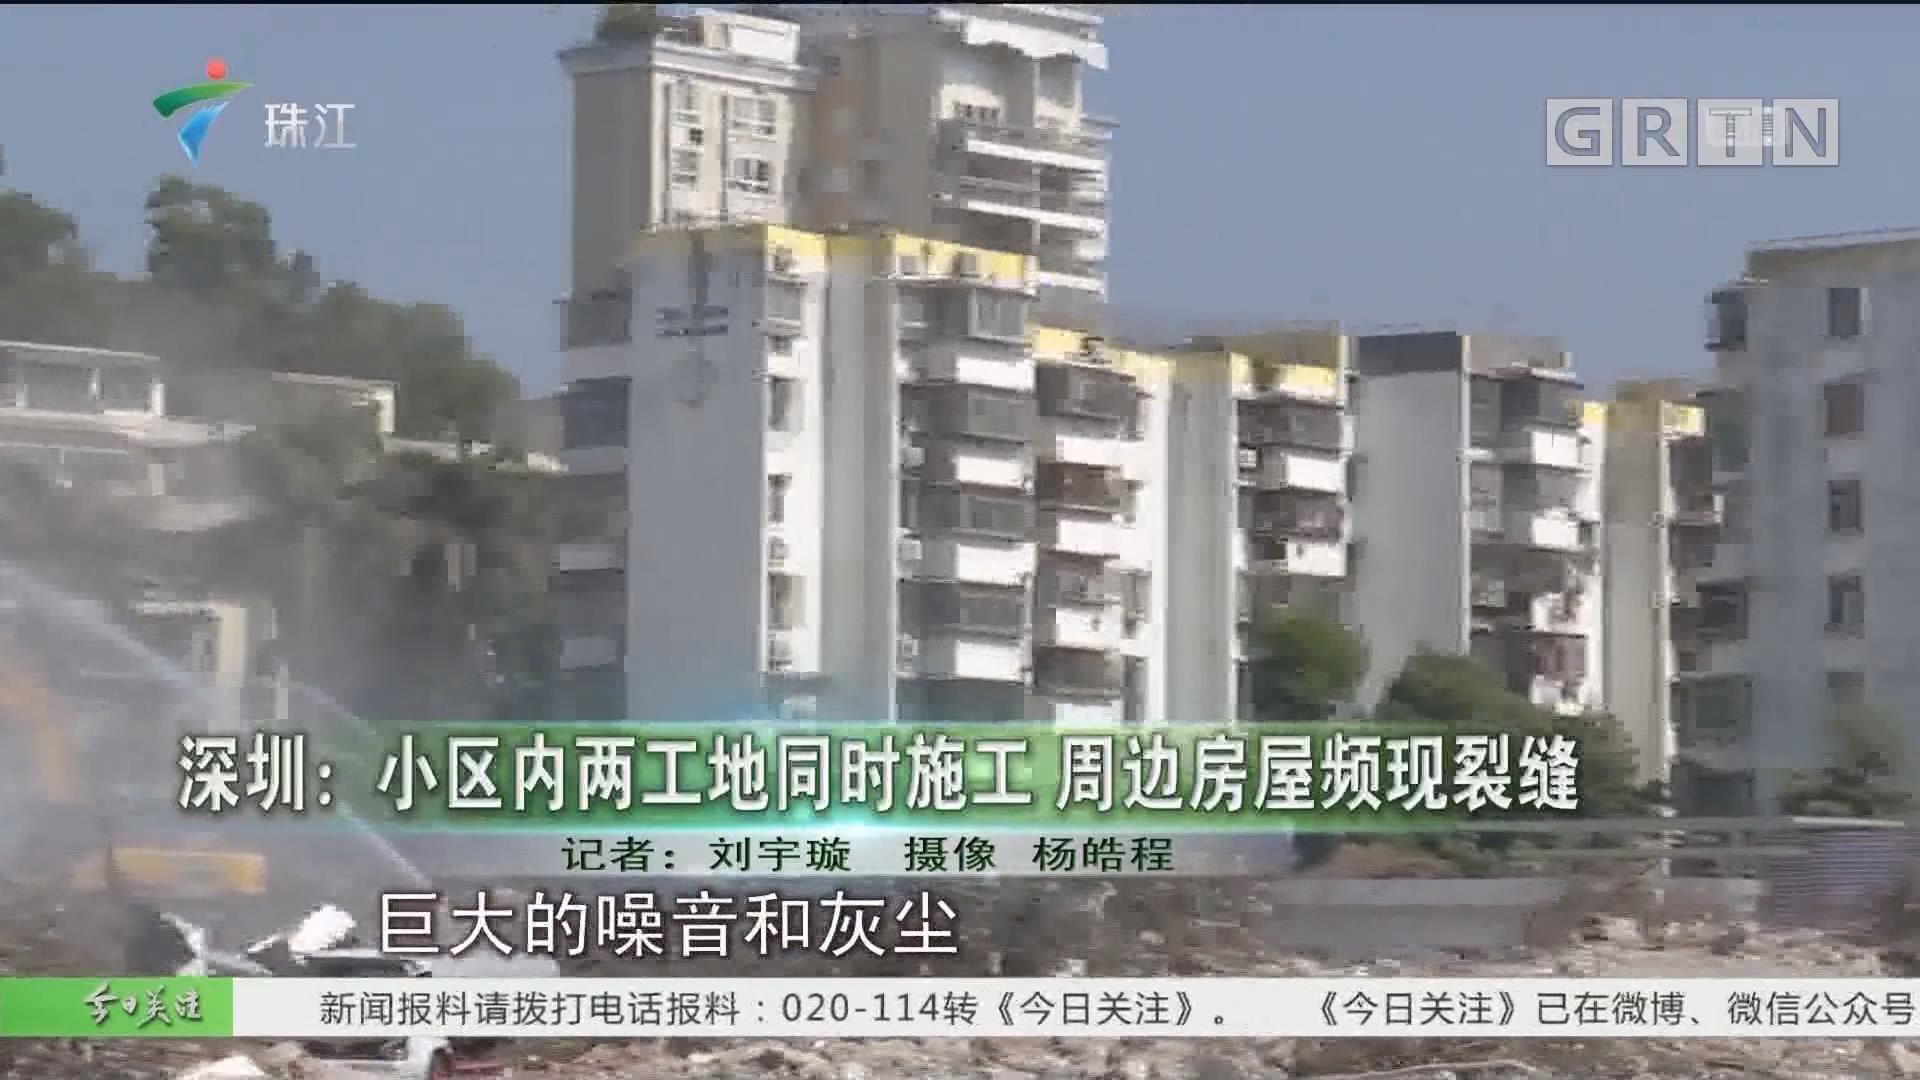 深圳:小区内两工地同时施工 周边房屋频现裂缝